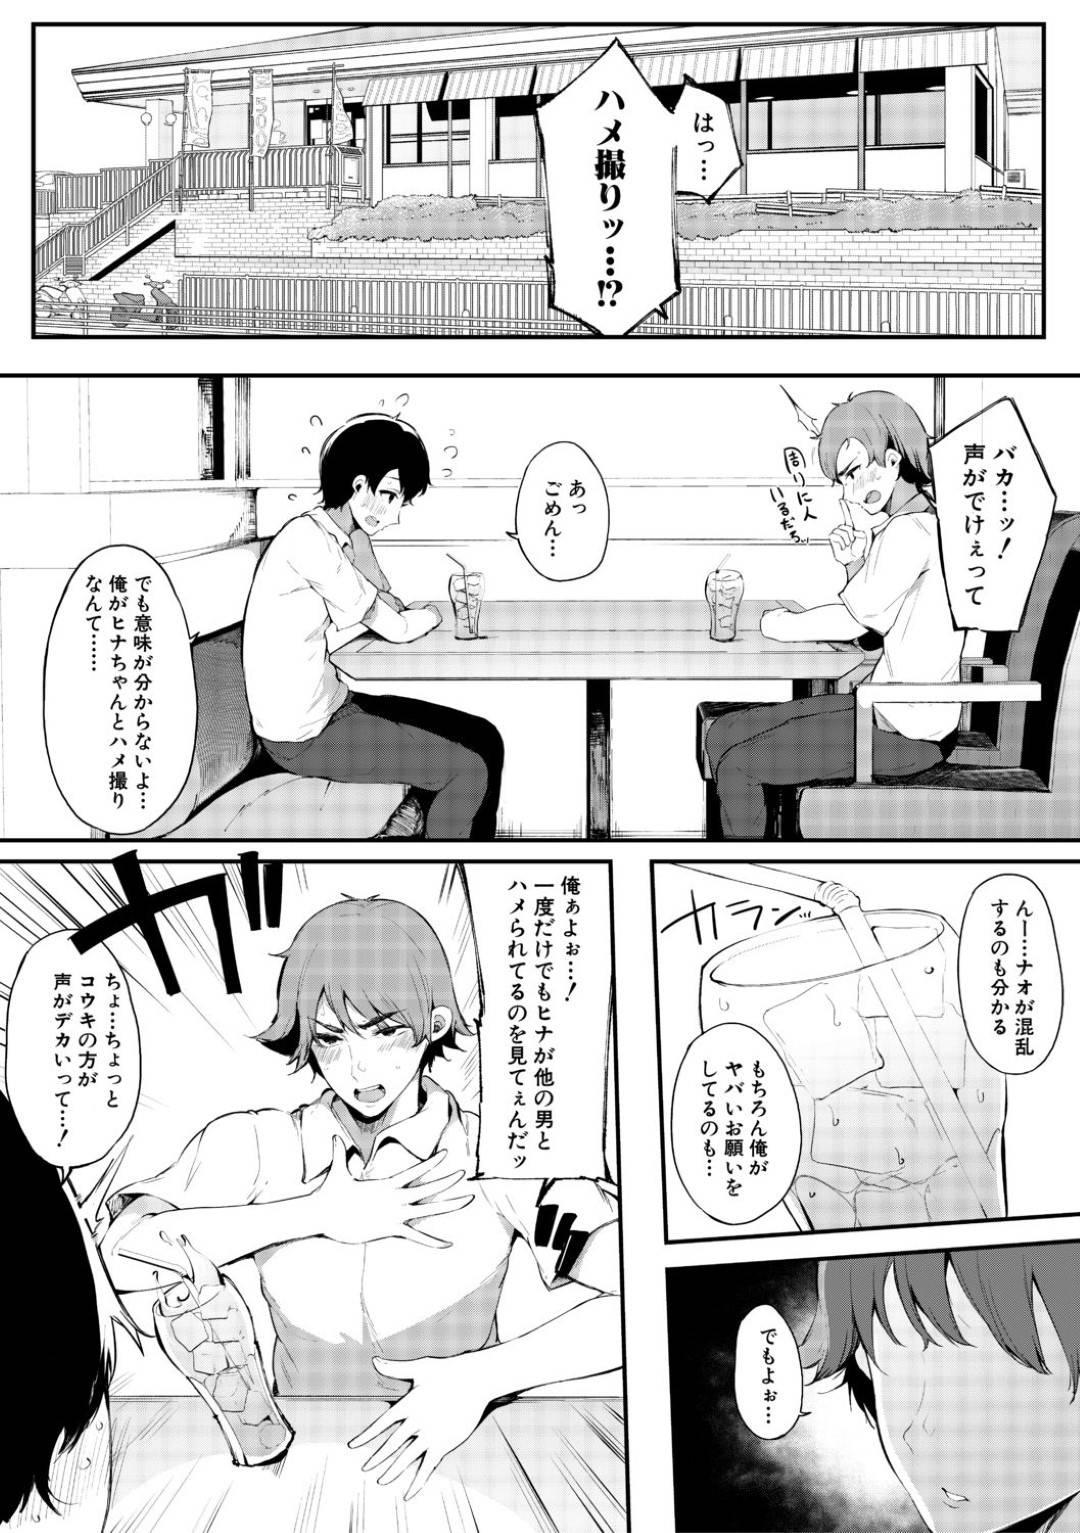 【エロ漫画】友達に彼女とハメ撮りしてもらいたいとお願いされた男...友達の彼女とハメ撮りでセックスしたら気持ちよくてエスカレートして中出しセックスまで【Sakurayu Haru:ともだちカメラ】